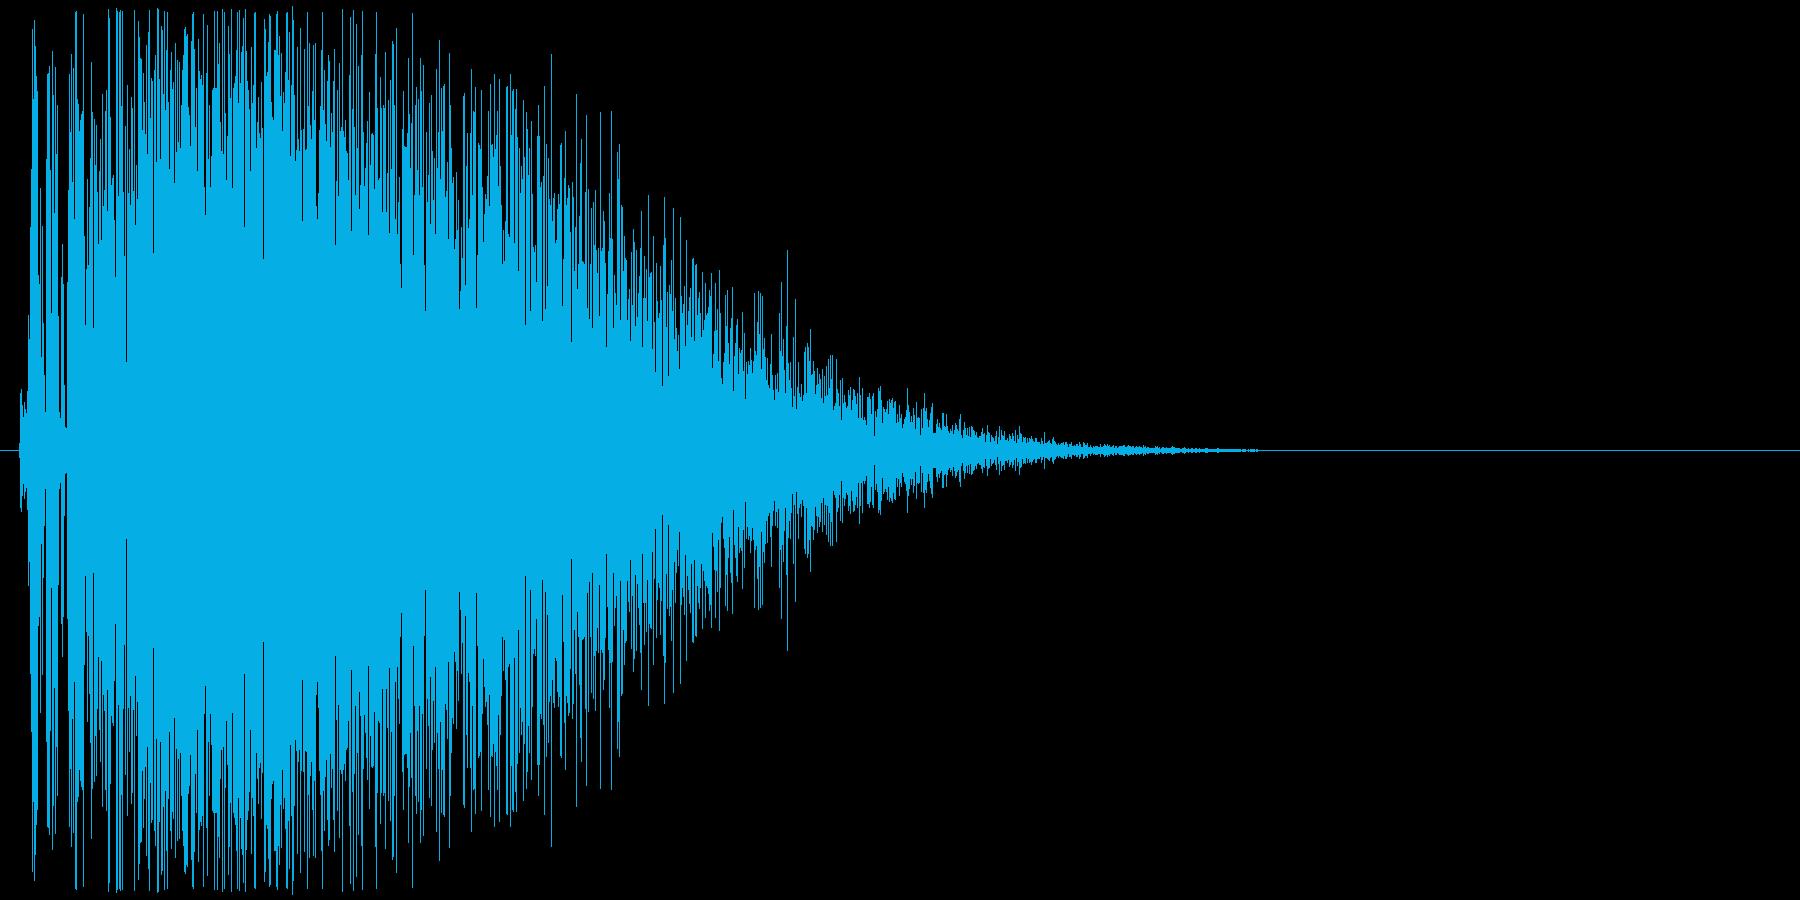 ドカーン(大砲、戦車、爆発)の再生済みの波形